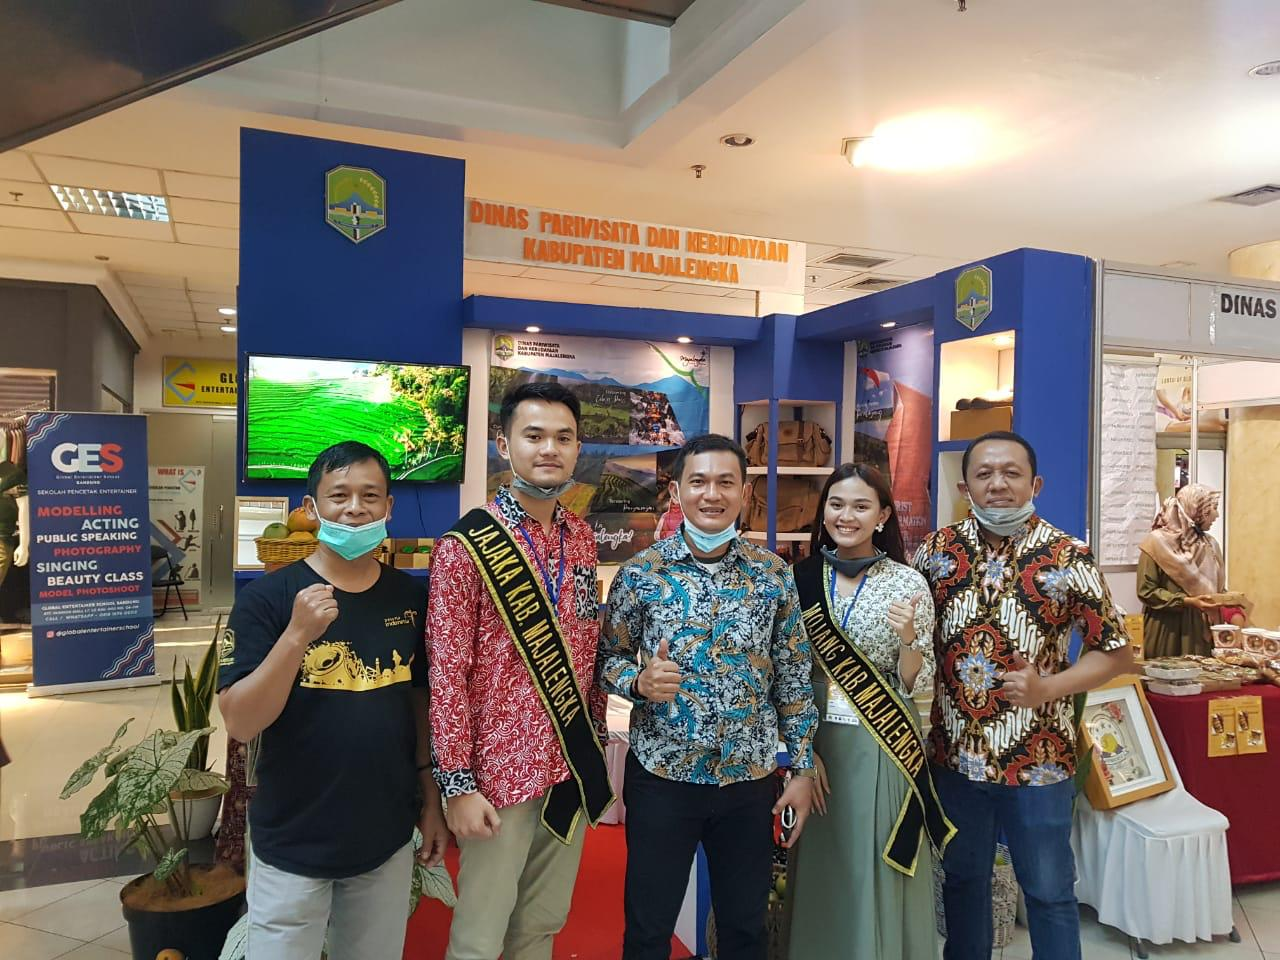 Tim Dinas Pariwisata Kabupaten Majalengka beserta Duta Parisiwisata Kabupaten Majalengka, saat menghadiri Biattex 2020 di BTC mal, Kota Bandung (04/12/2020).